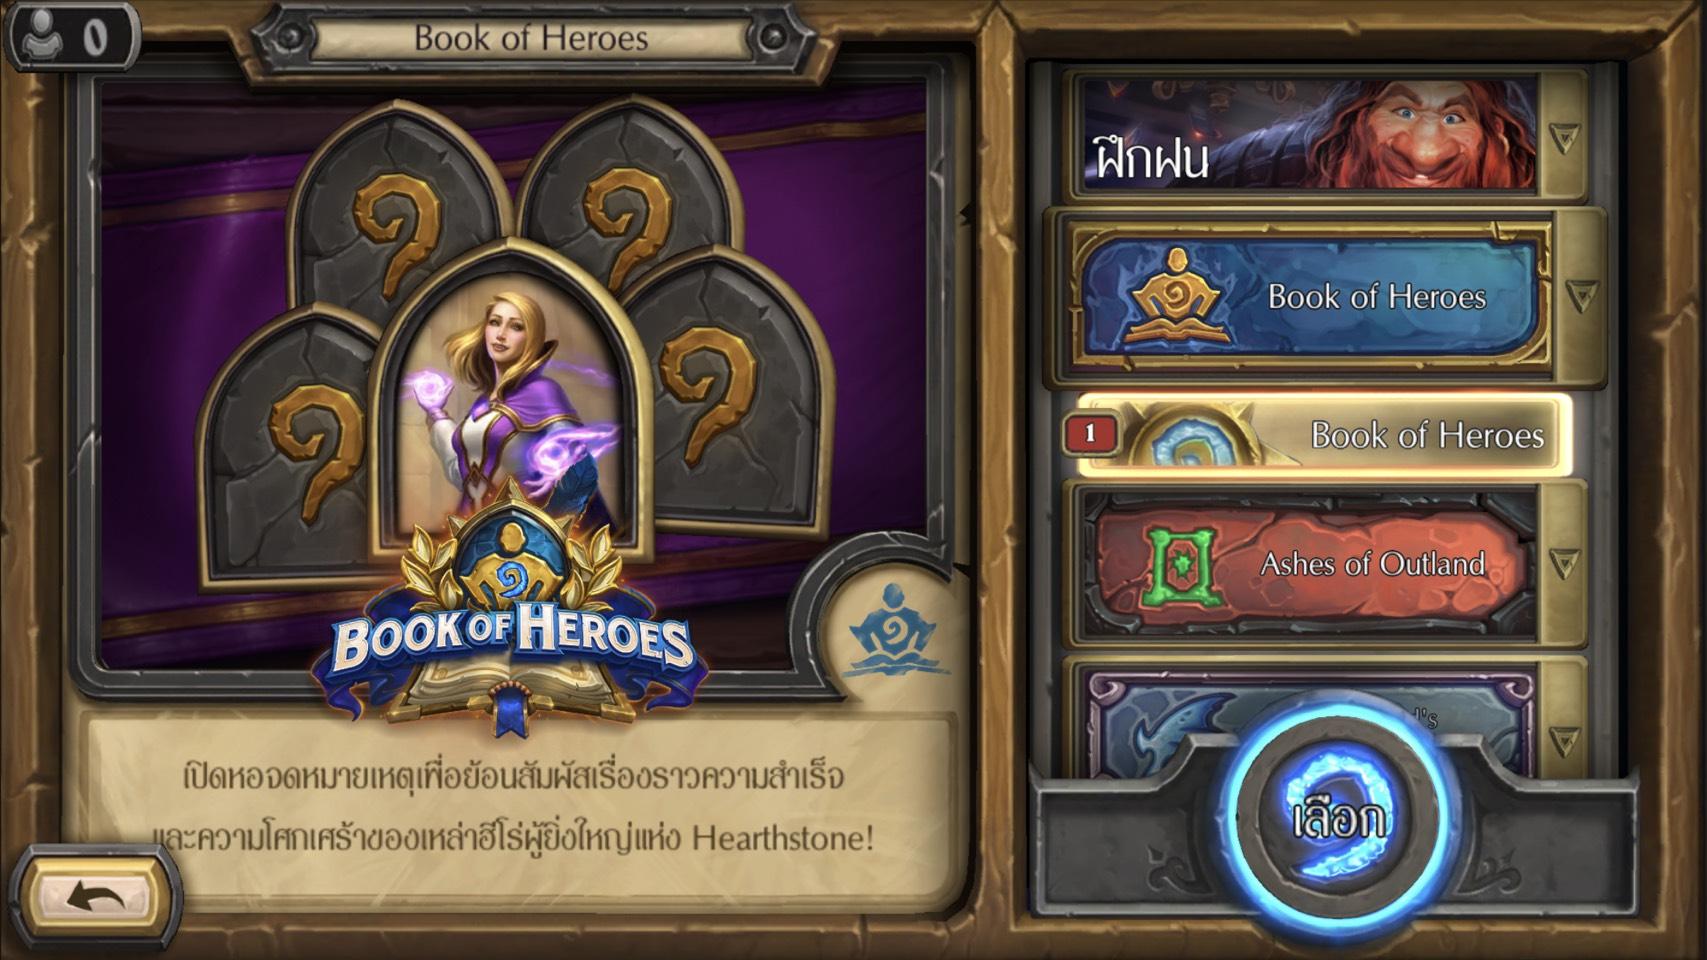 การผจญภัยคนเดียวครั้งใหม่ของ Hearthstone ใน Book of Heroes  เปิดให้เล่นแล้ว! มาสำรวจเรื่องราวของนักเวทย์ชื่อดัง เจน่า พราวด์มัวร์ กัน!